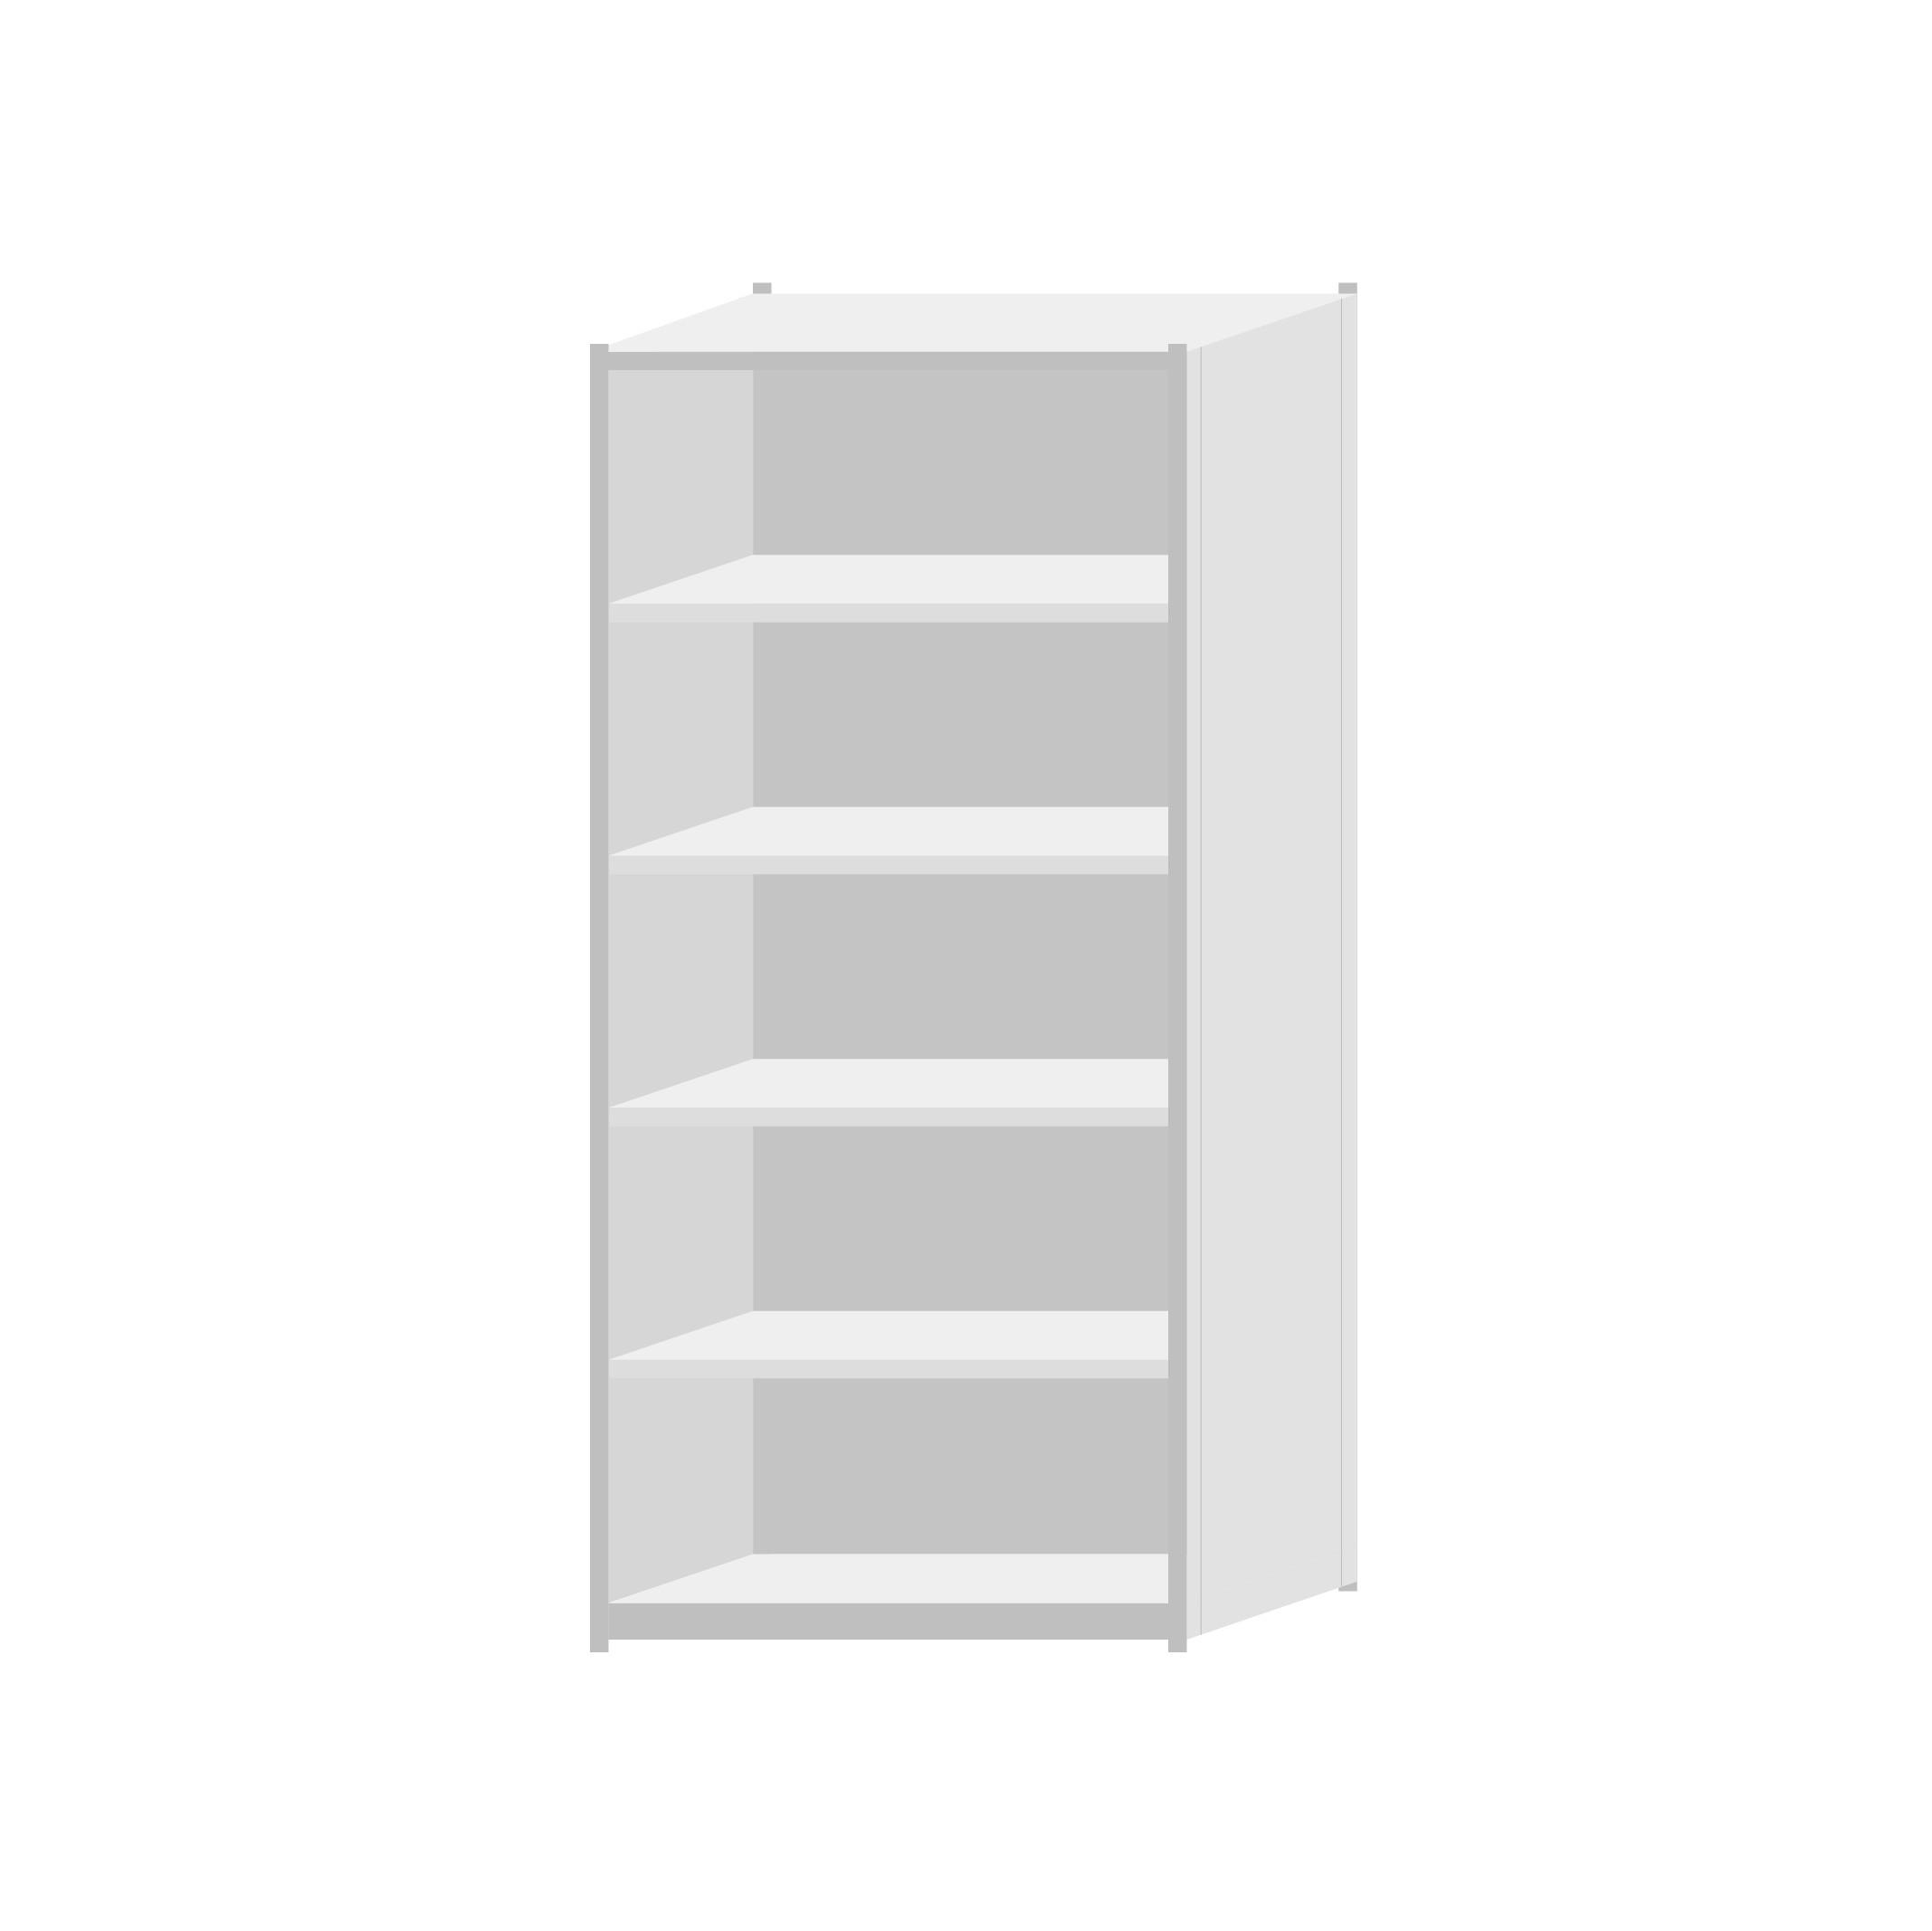 RUT Shelving 900mm Wide - 6 Levels (Single Sided)